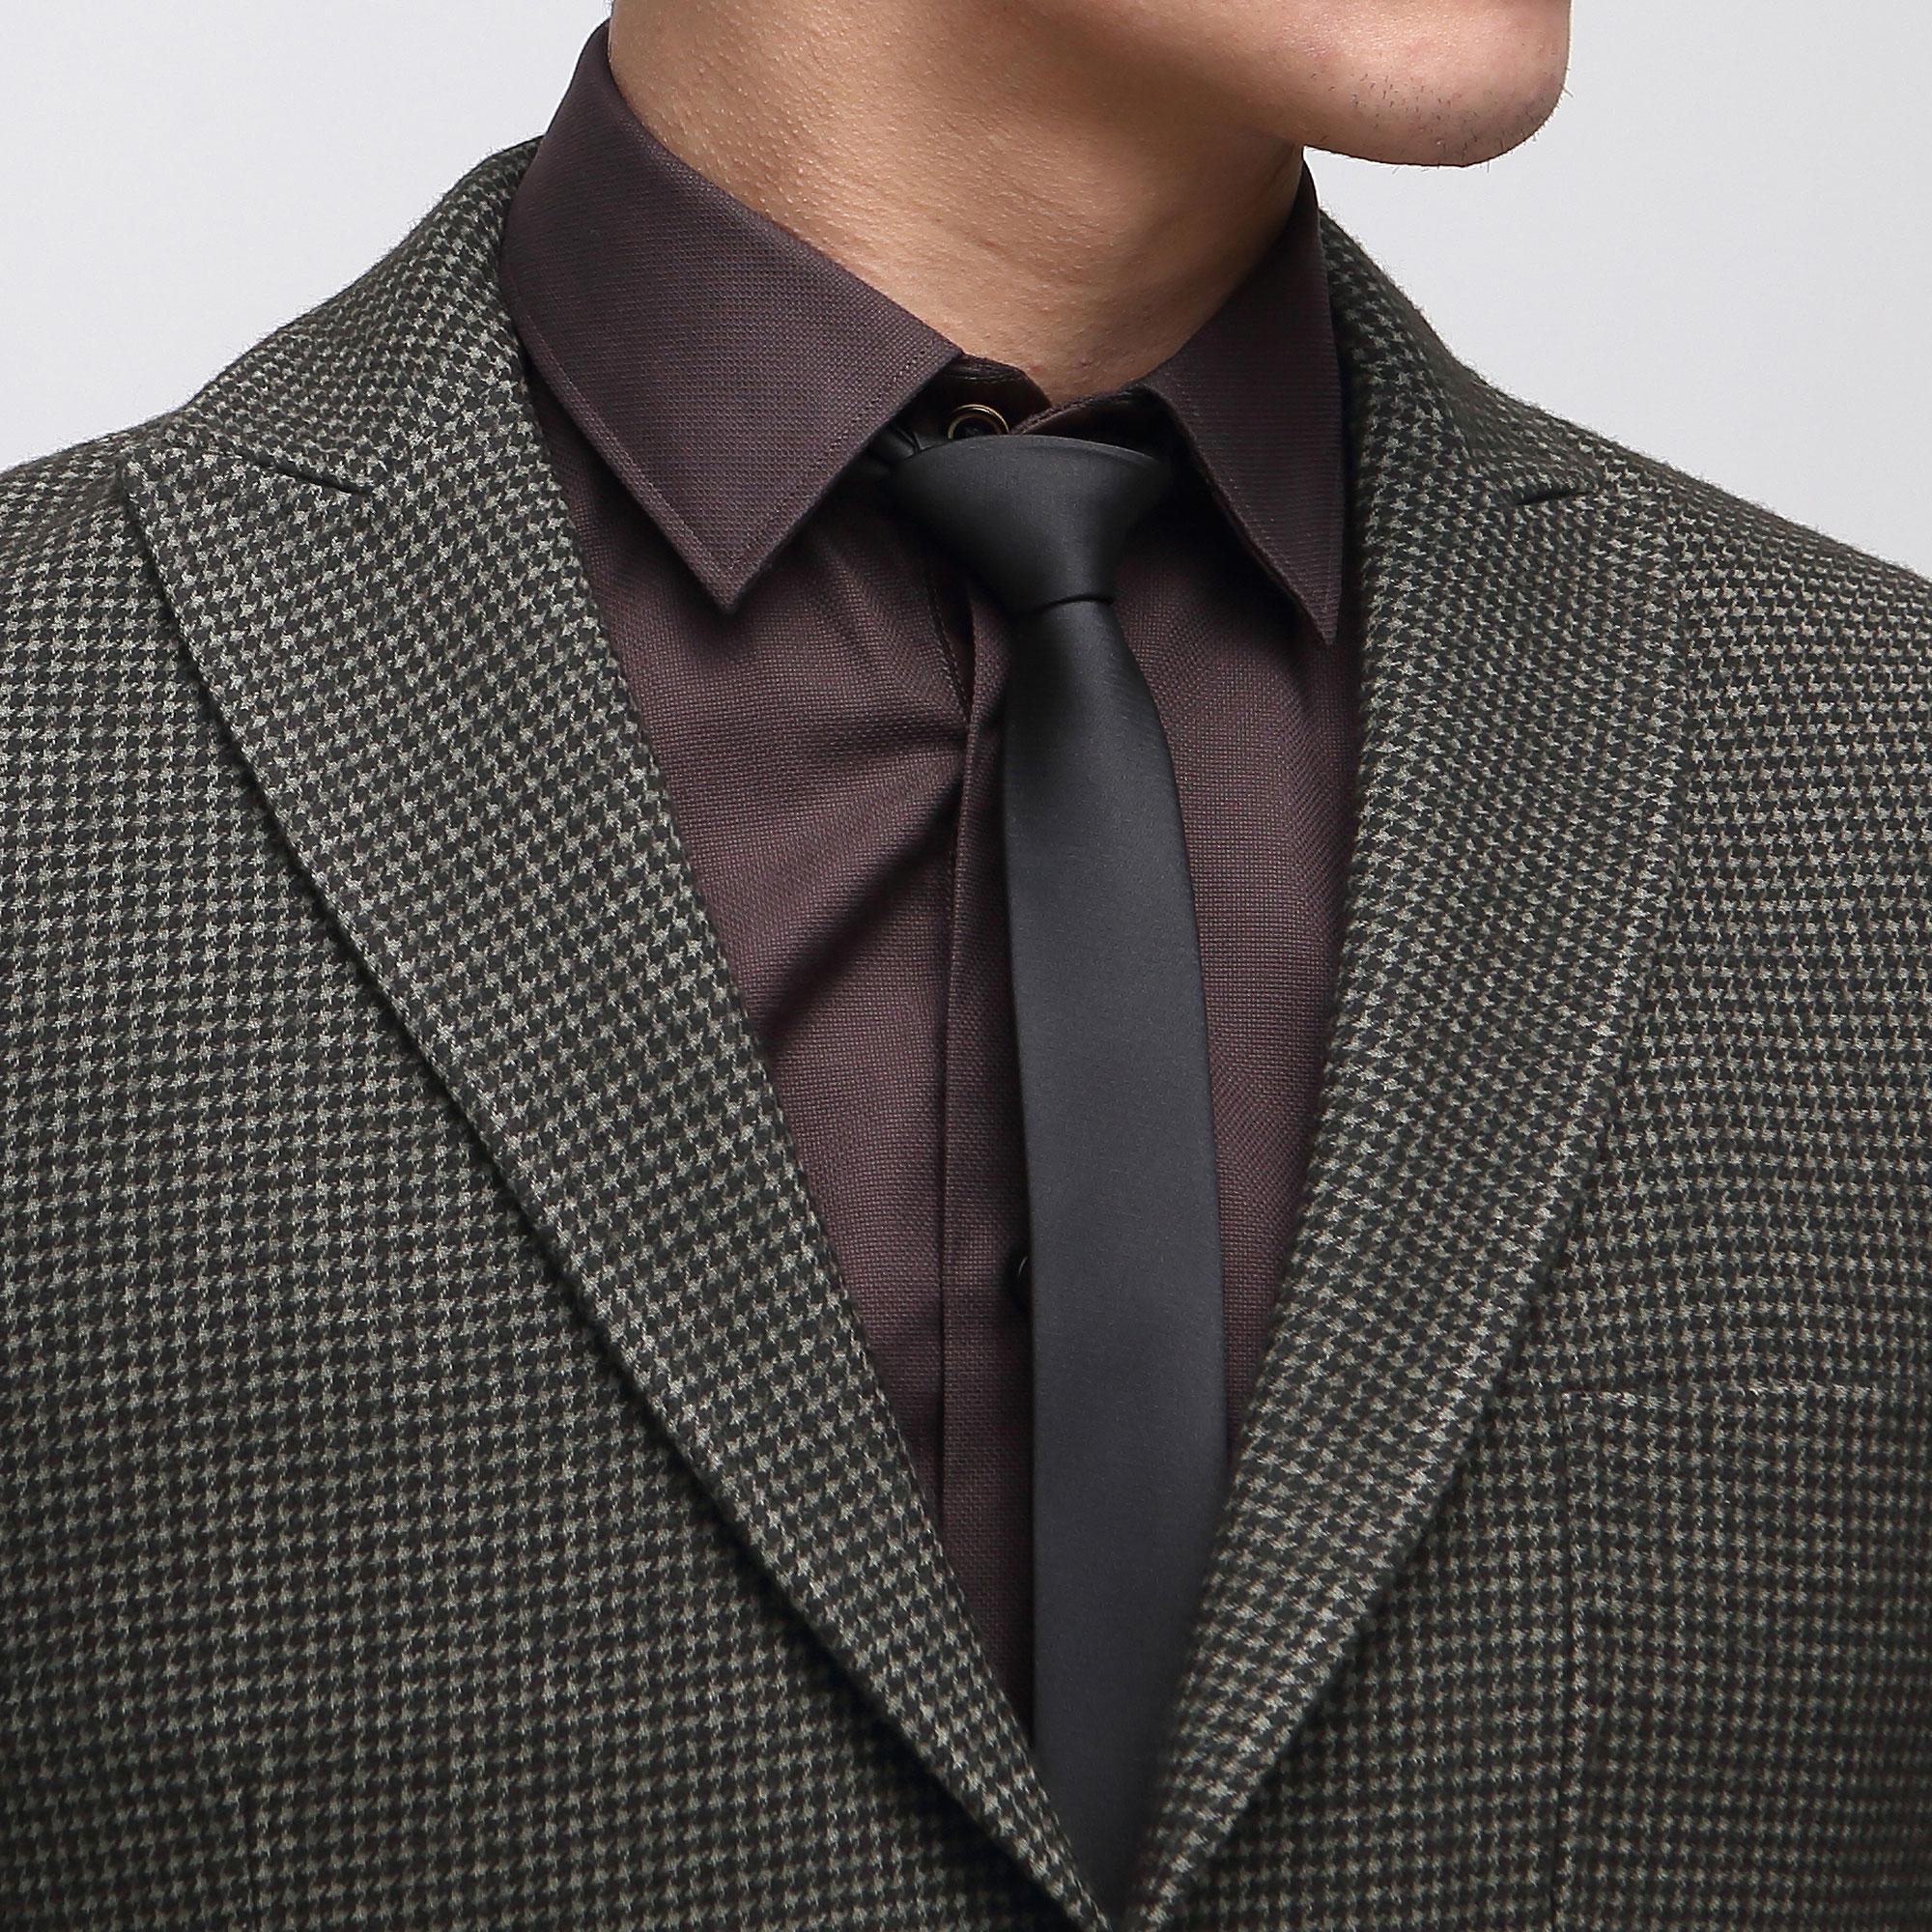 黑色西装是我们在办公室最为常见的西服颜色,但是一直一个样你真的不会厌倦么?目前市面上流行的比如浅灰色,卡其色,宝石蓝、棕色,亚麻色等等都可以作为西装颜色的选择,也请避免太过于浓重的颜色,颜色的调整完全可以通过衬衫和领带的颜色调整。纯色西装也应该慢慢该保存起来了,带有一些暗条纹或者格子的西装在工作场合穿,既有活力和时尚感。西装混搭更有魅力,我们是否也该有这样的理念去接受这种新型主义套装呢? 男士的西服选择多种多样,想要秀出不一样的风采,那可要好好了解西服的穿搭知识啊! (责任编辑:admin)